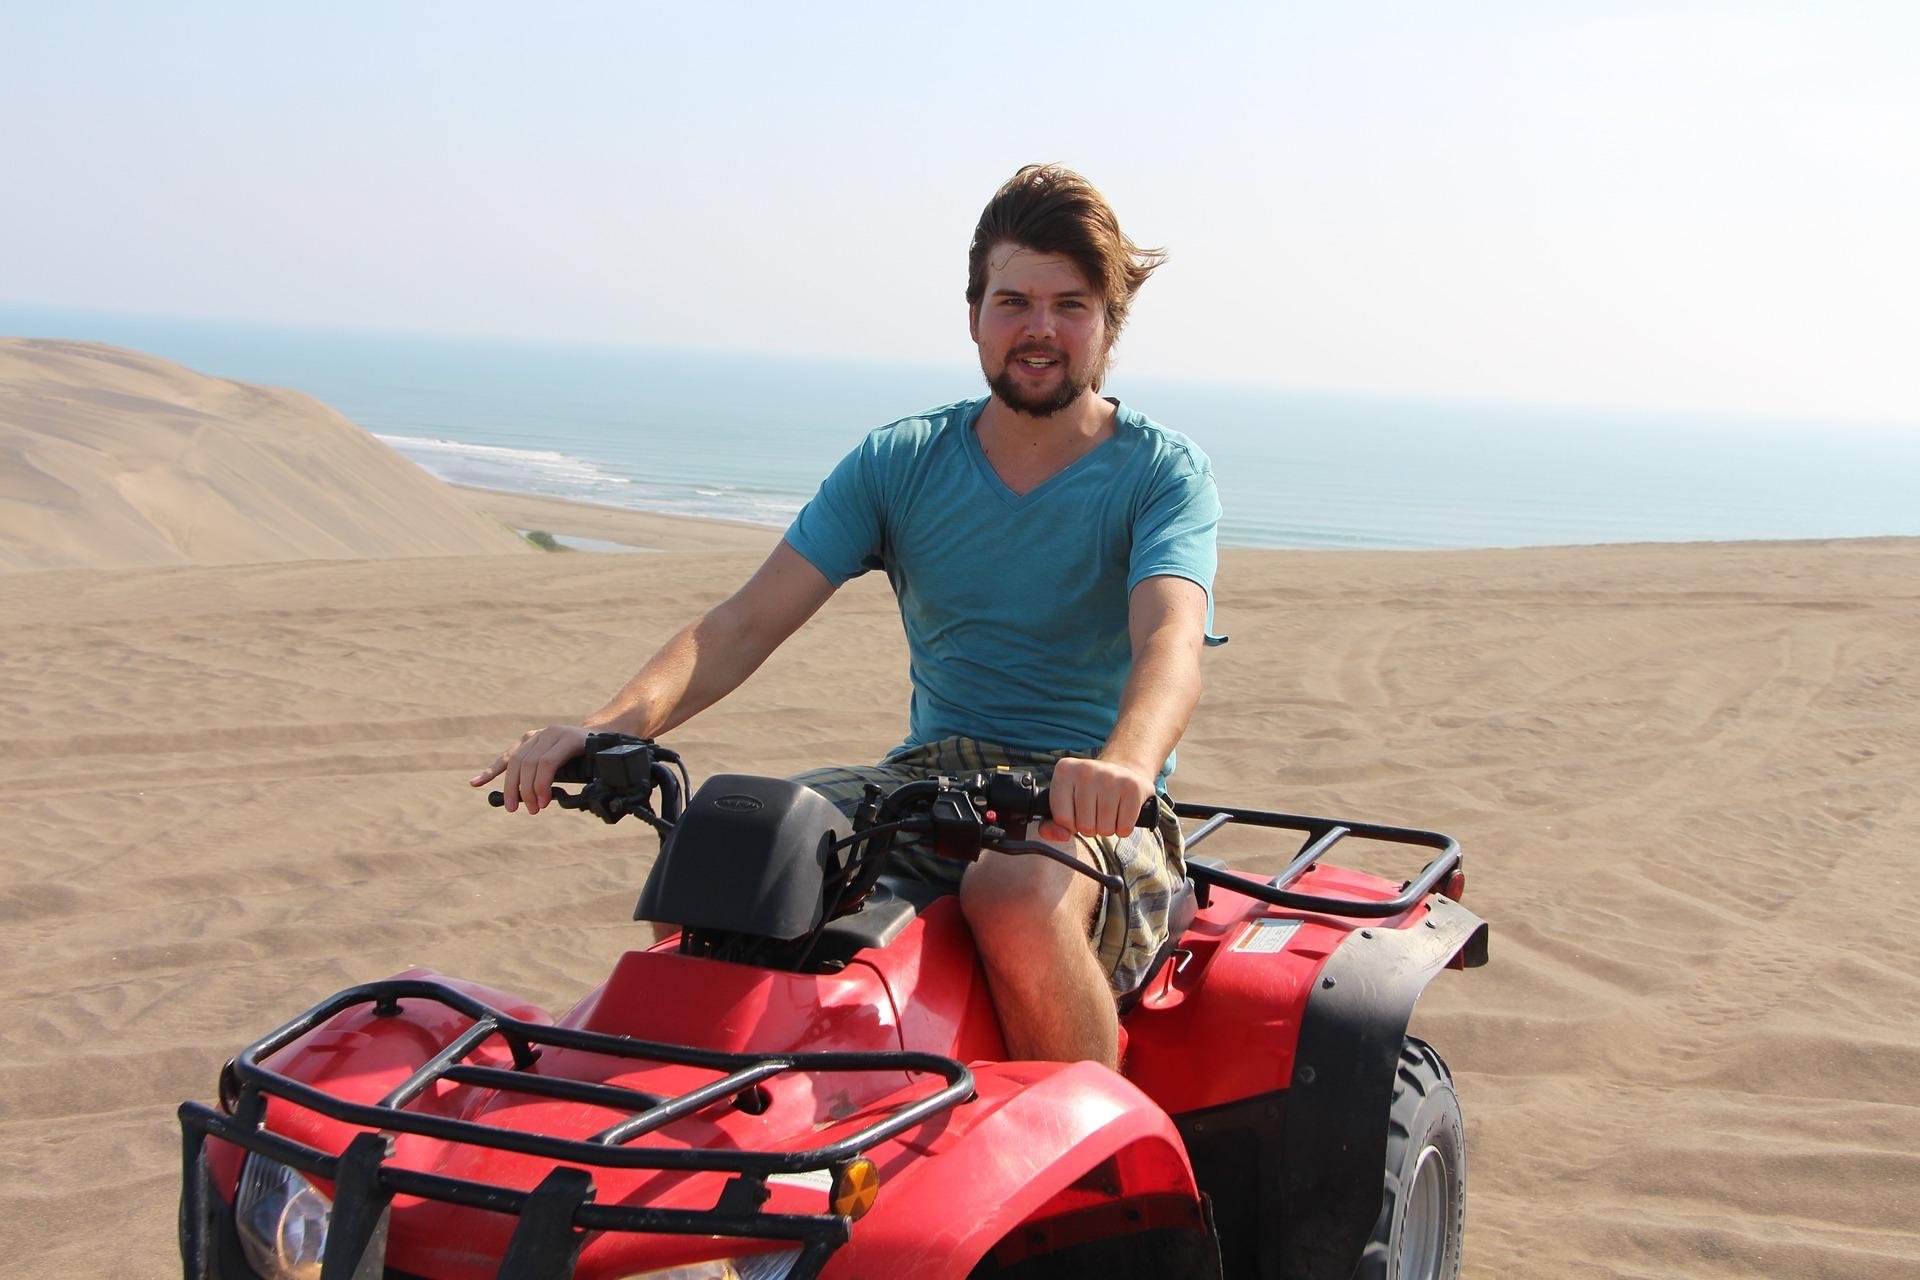 Køb en ATV i dag med et hurtigt lån